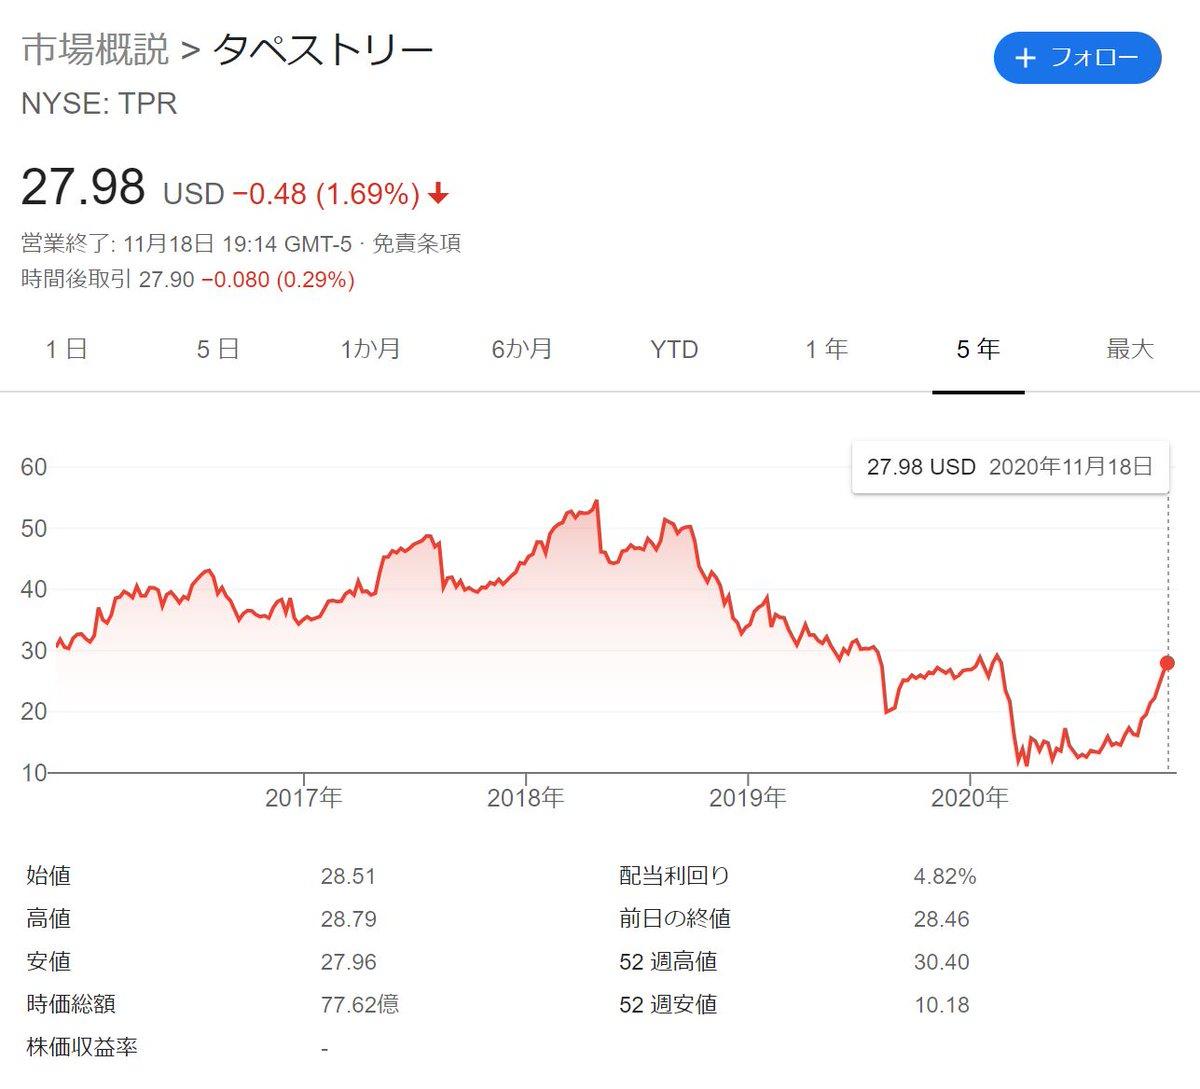 カーボン 株価 Sec